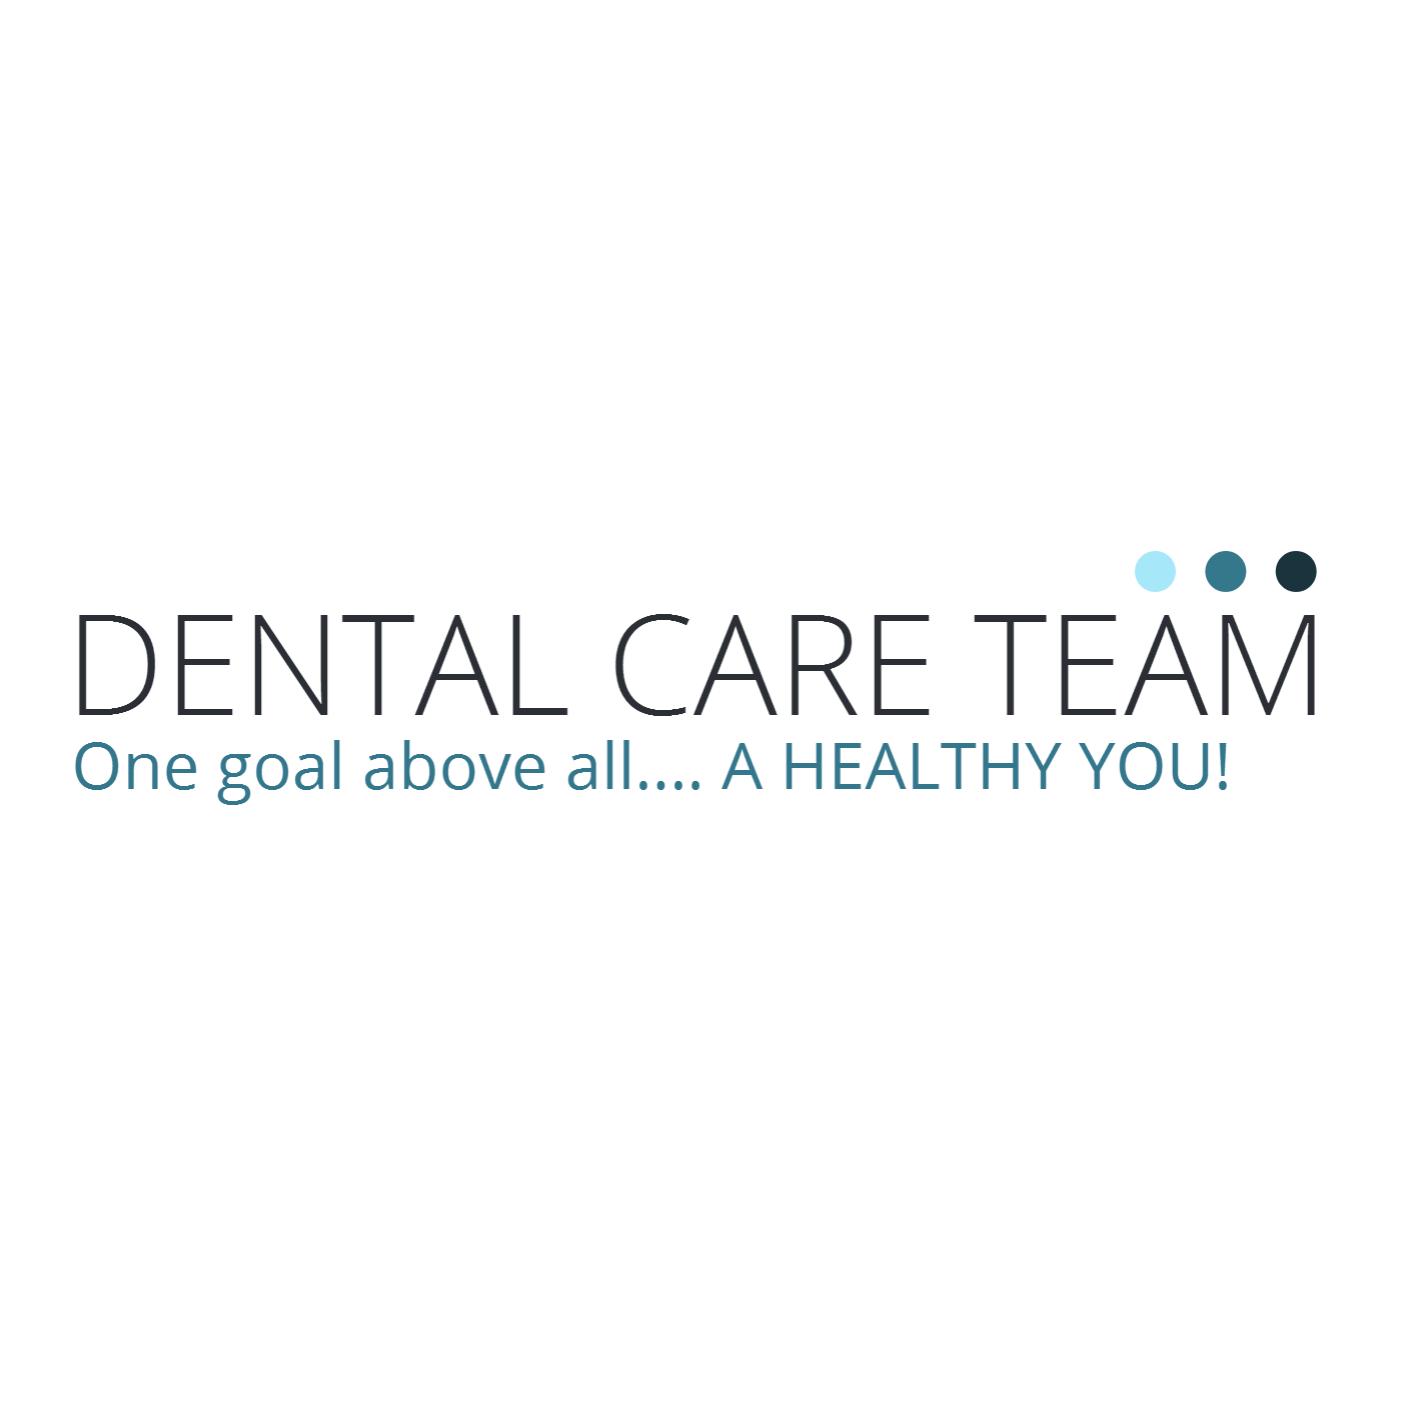 Dental Care Team - Grand Blanc, MI 48439 - (810)292-0100 | ShowMeLocal.com